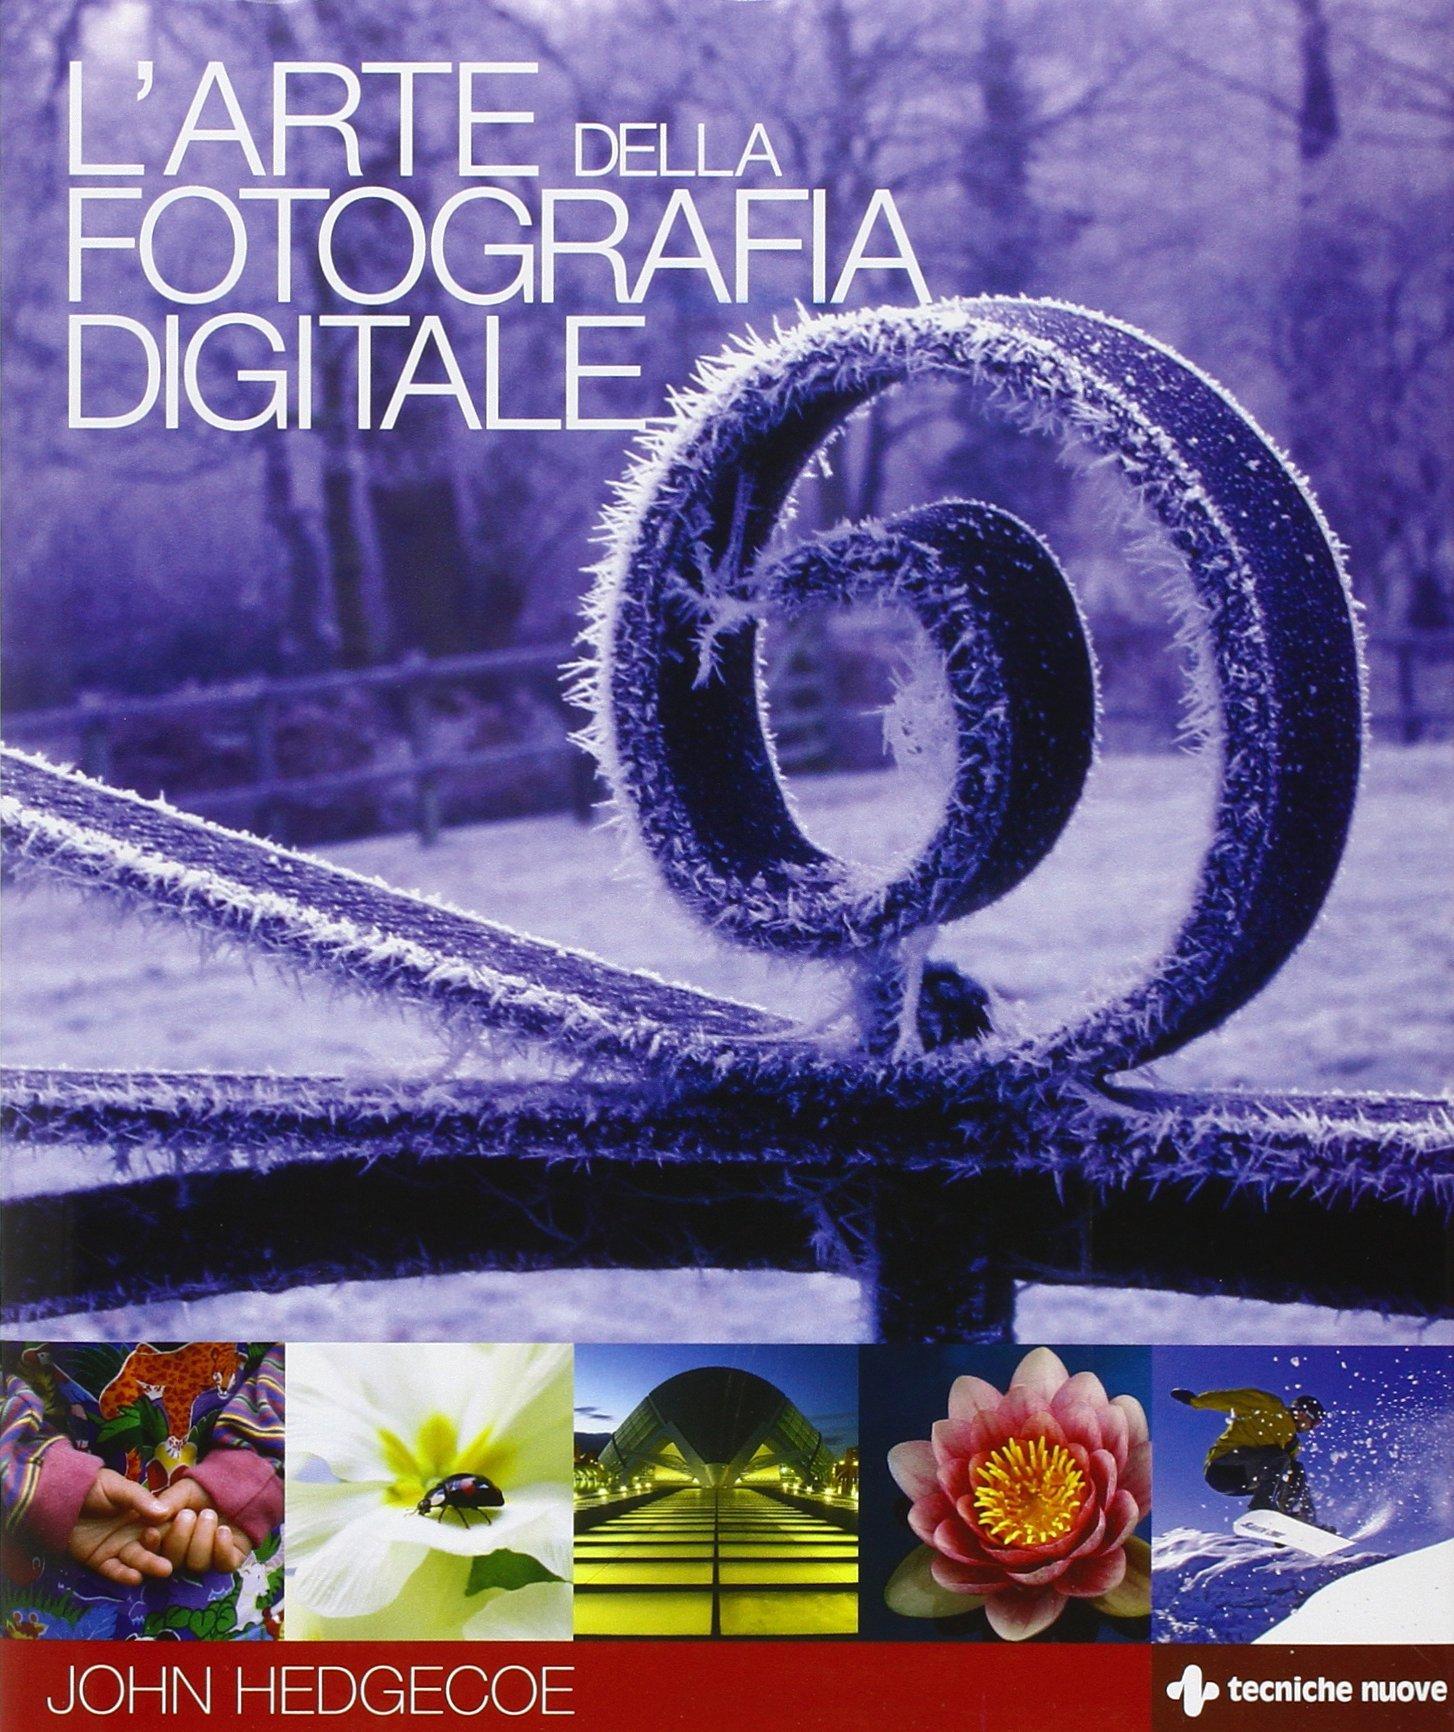 Larte Della Fotografia Digitale  by  John Hedgecoe